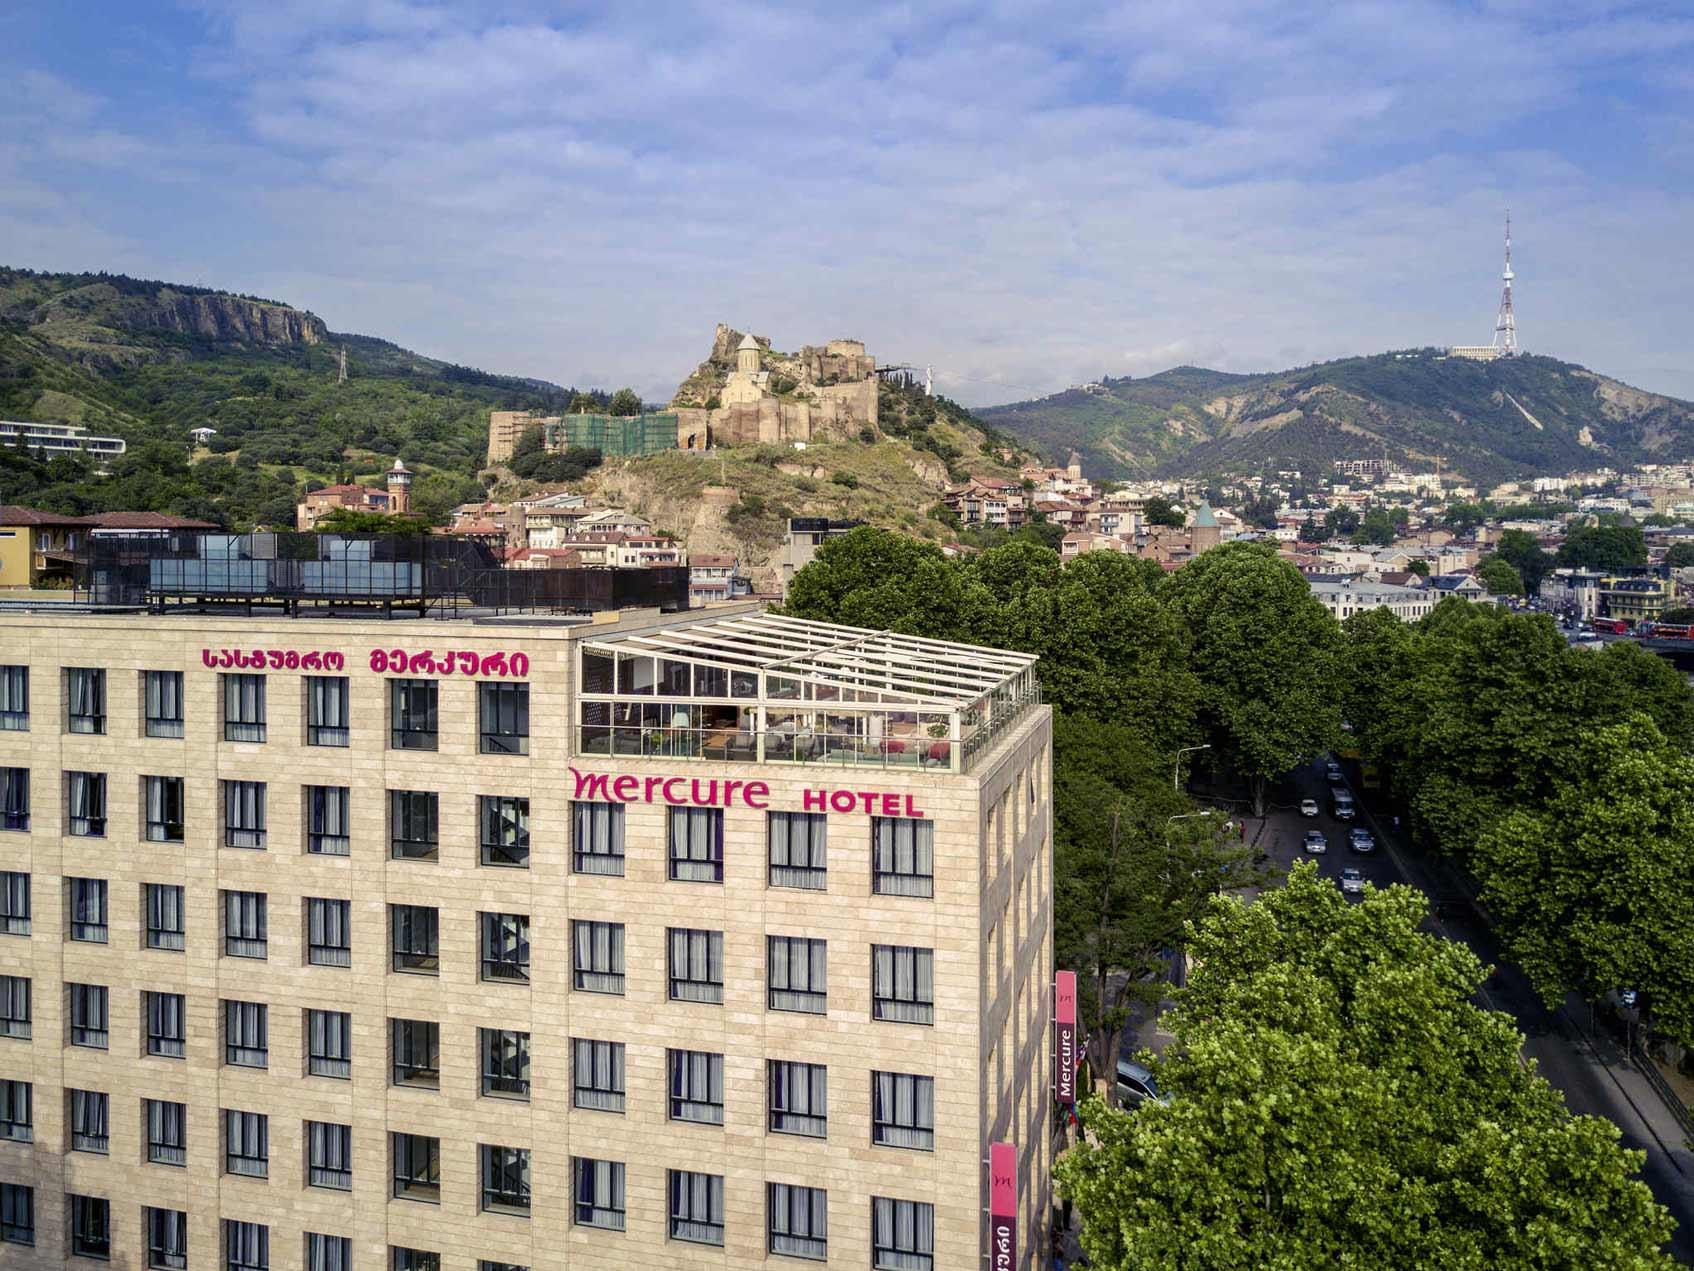 отель mercure грузия отзывы